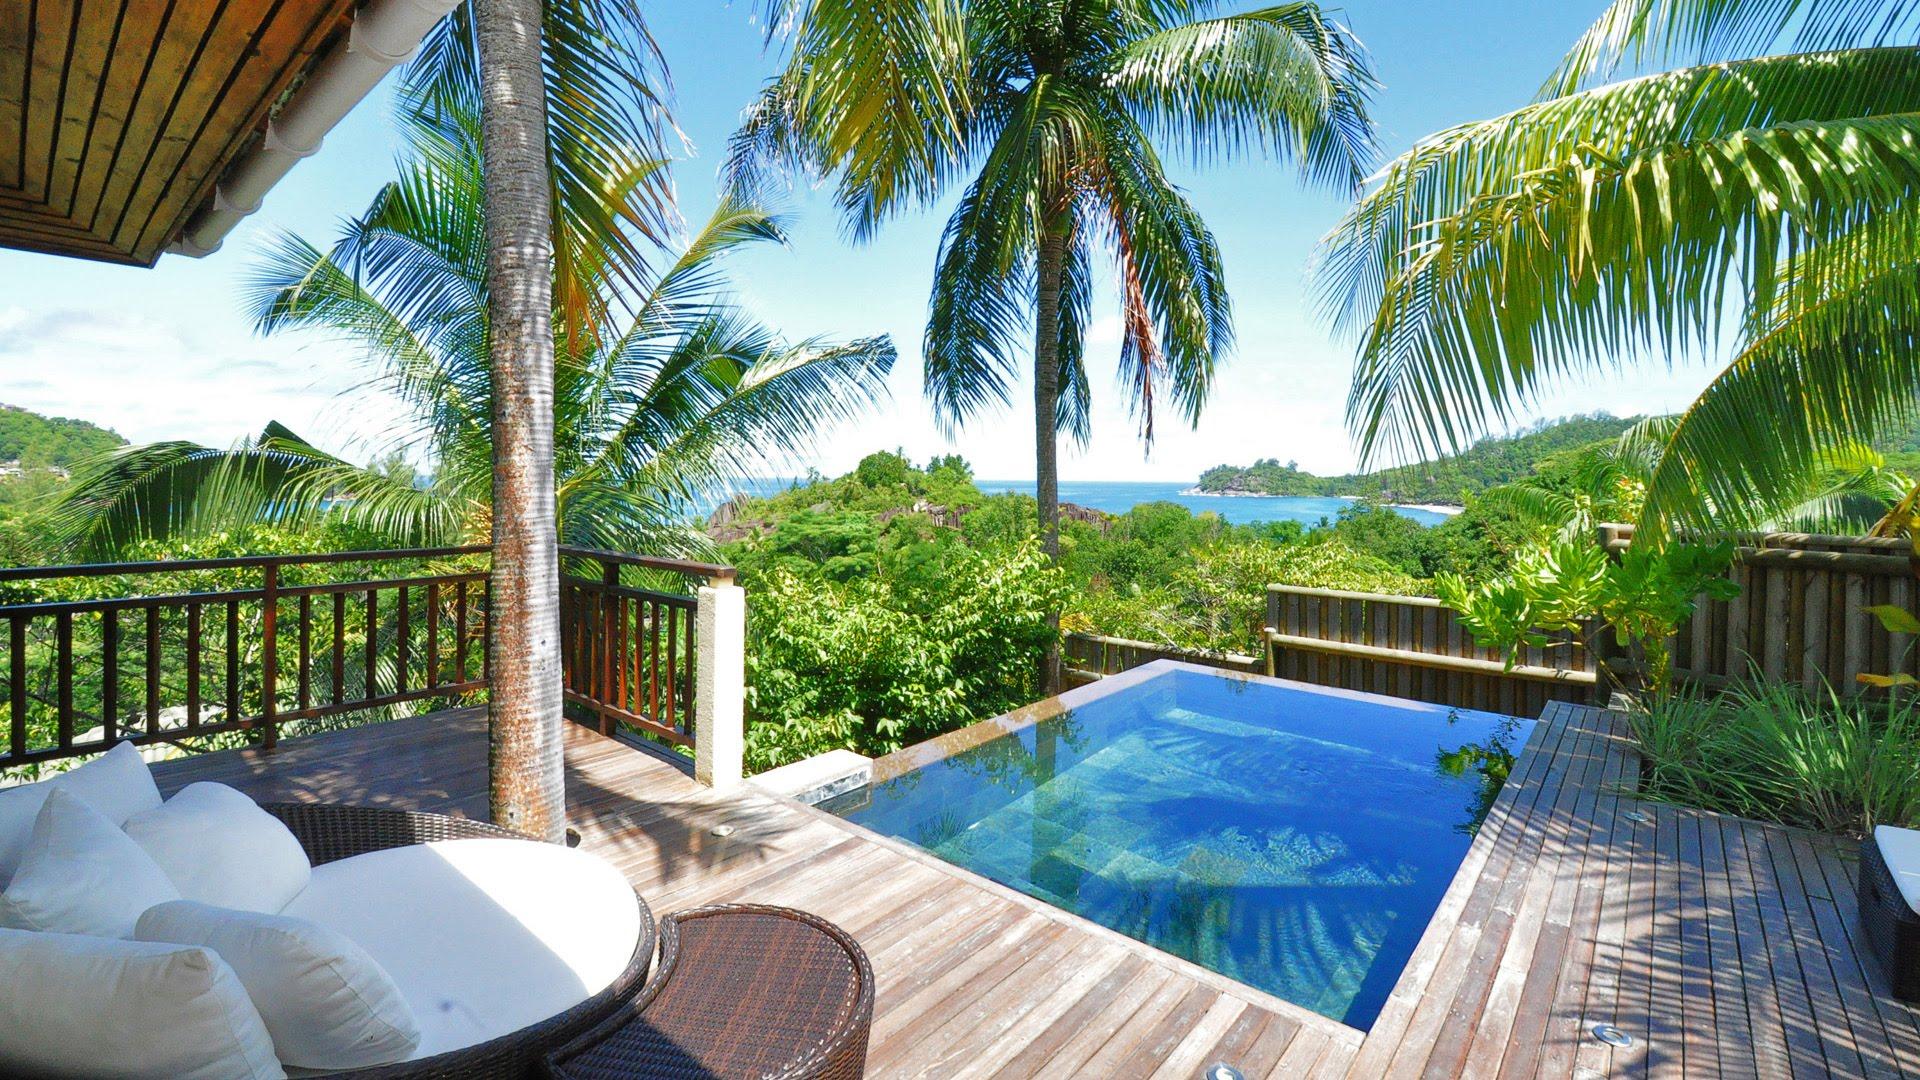 Valmer Resort, Seychelles